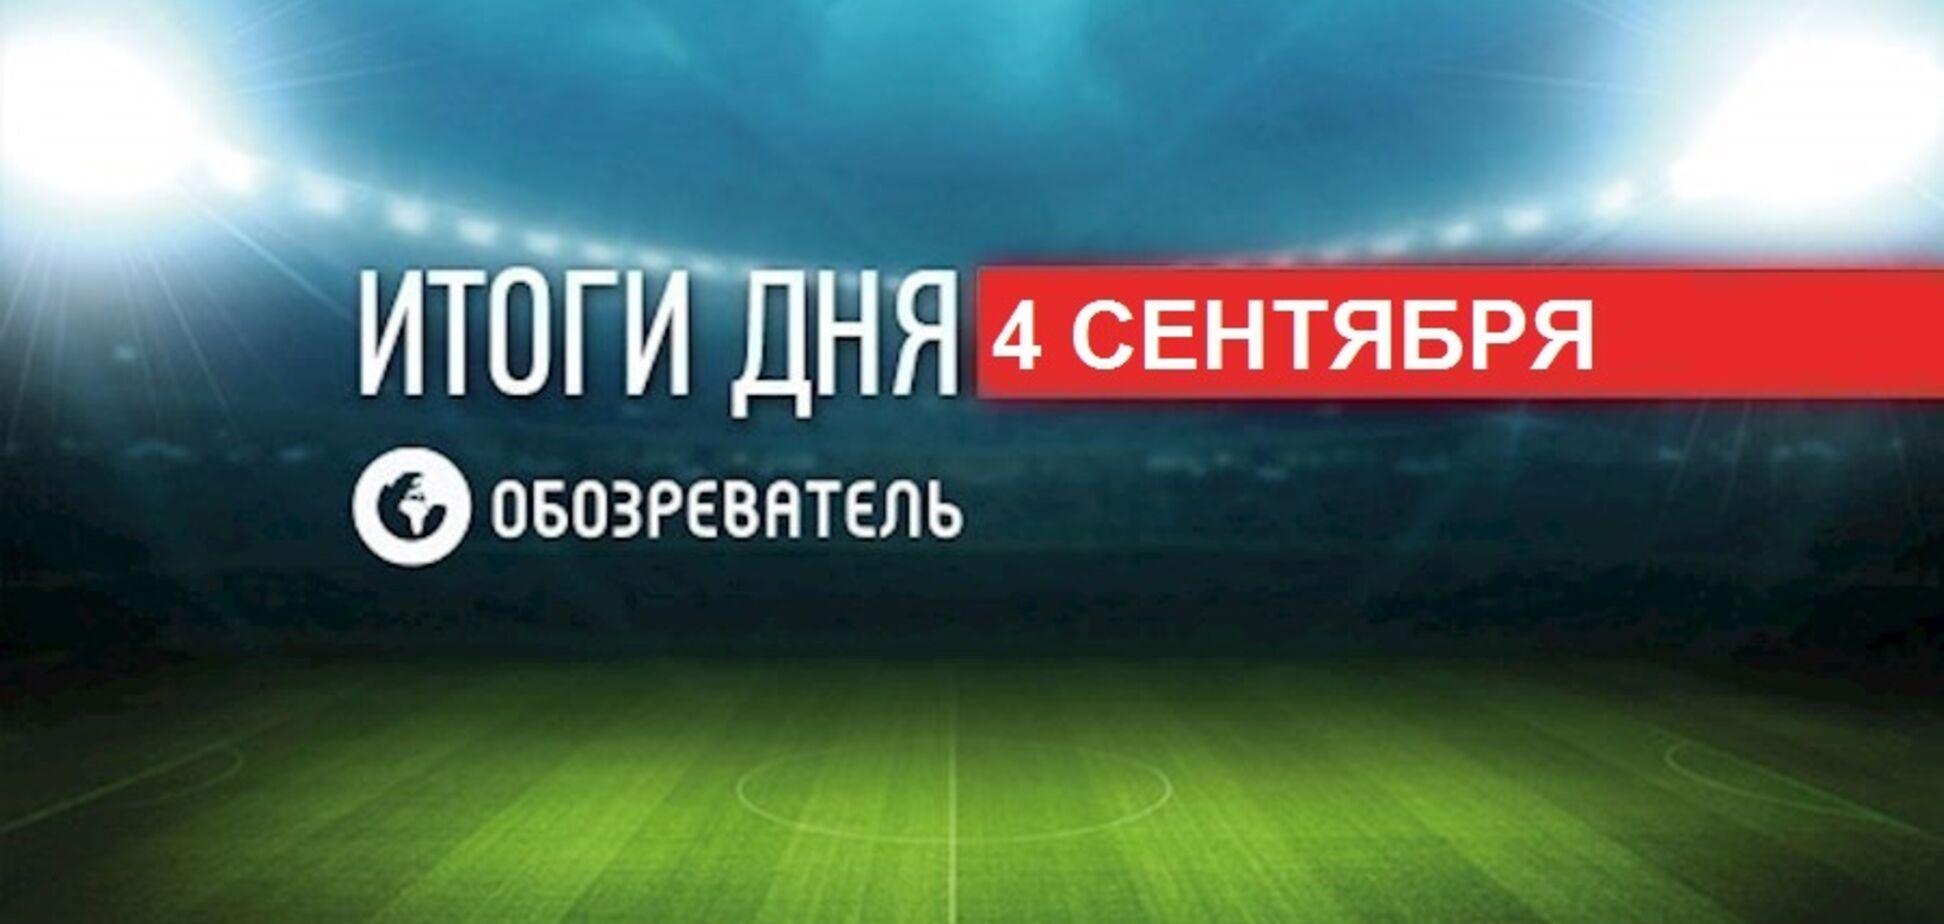 Новая форма сборной Украины по футболу вызвала переполох в России: спортивные итоги 4 сентября